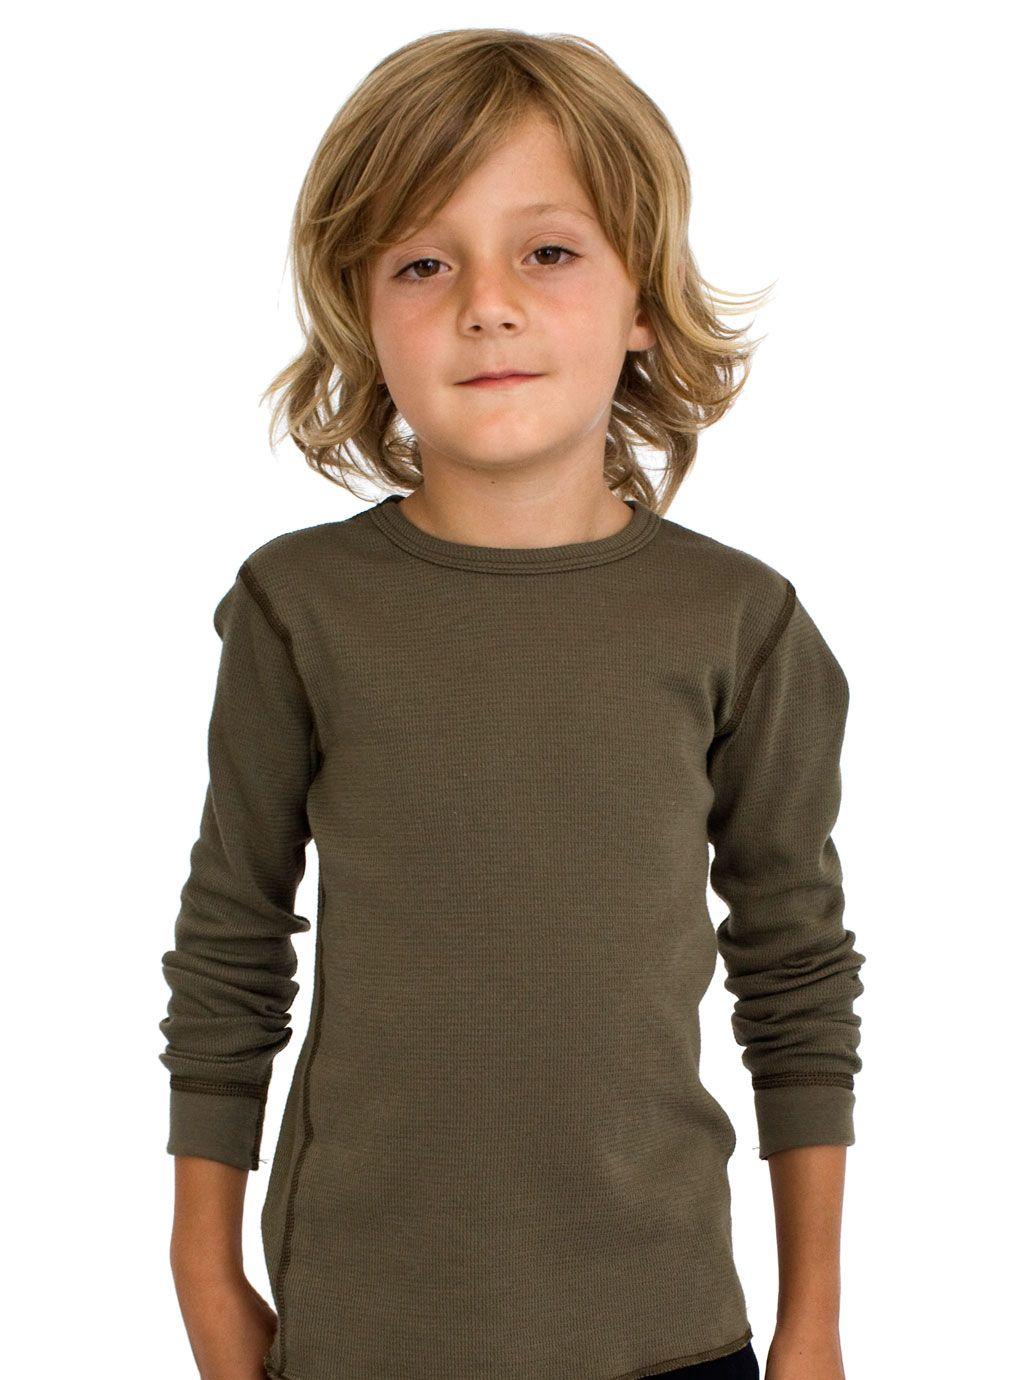 Kids Baby Thermal Long Sleeve T | 2 - 6 Years | Kids